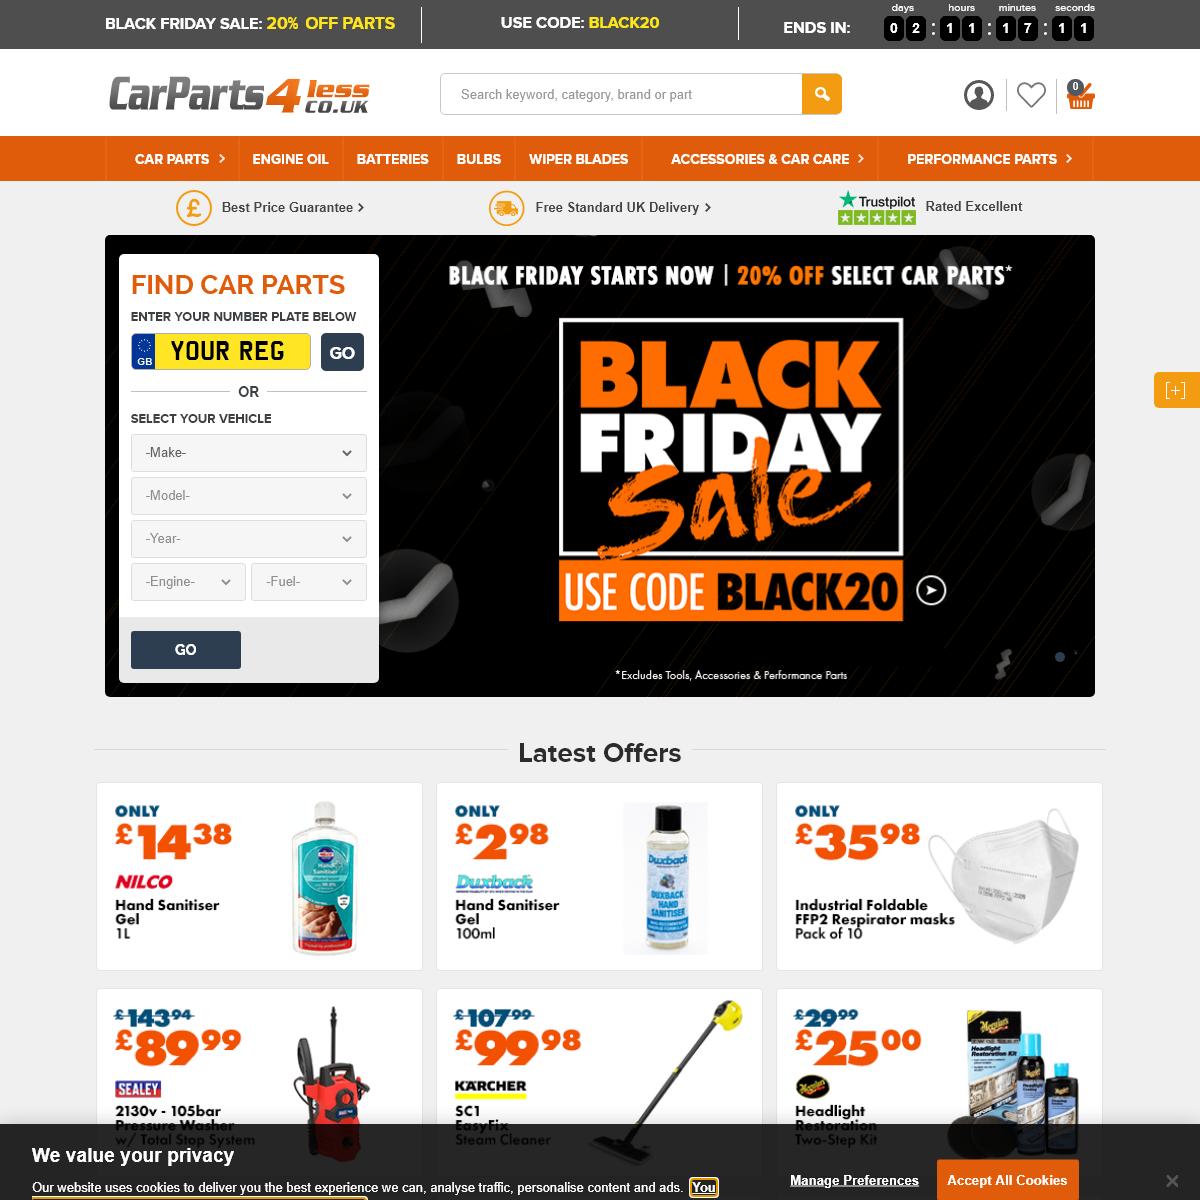 Cheap Car Parts Online - Car Parts 4 Less UK - Big Brands, Low Prices